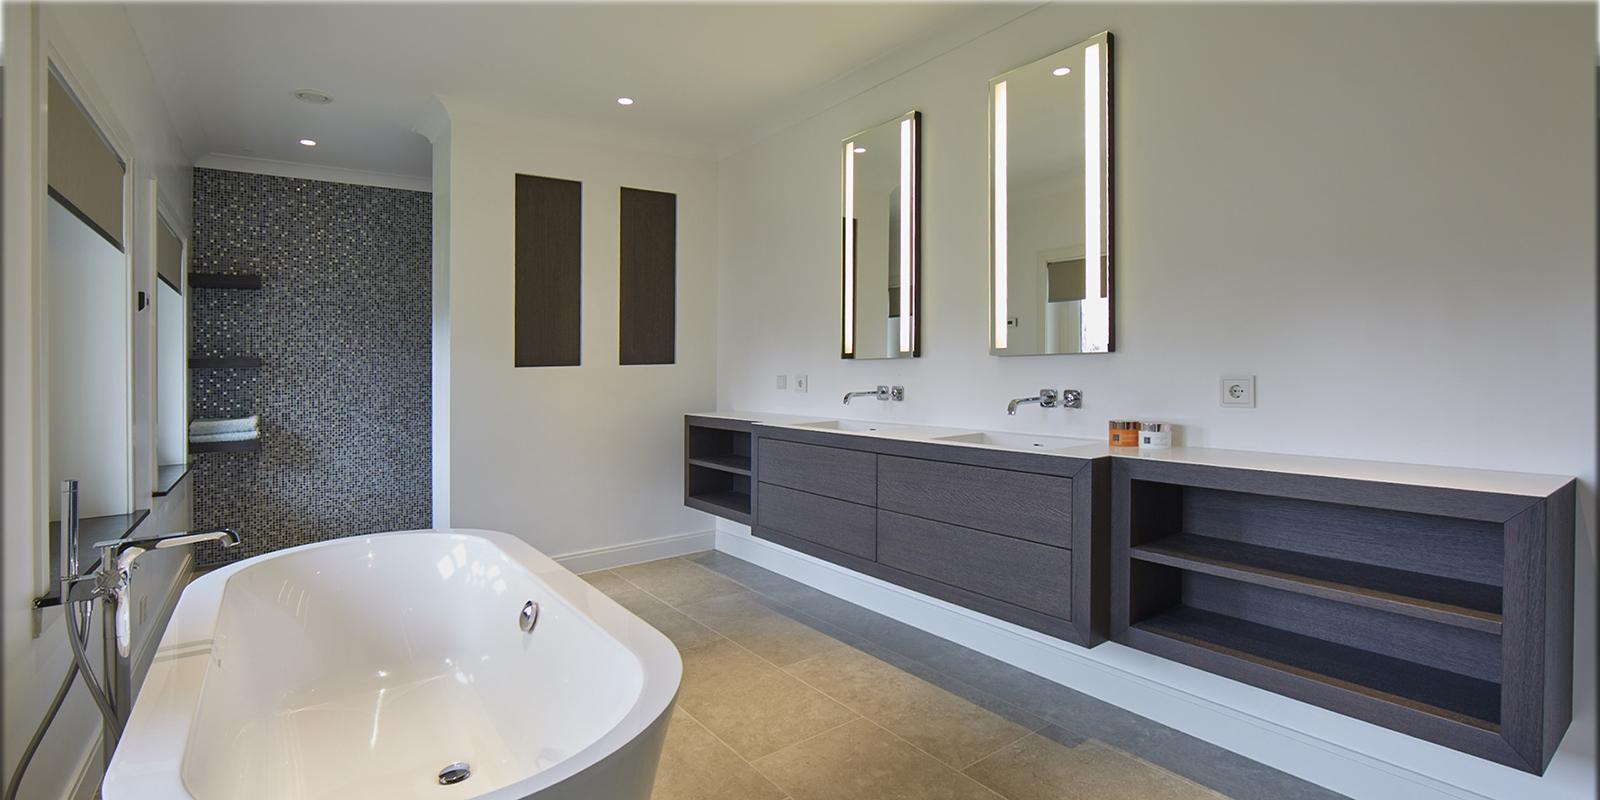 slaapkamer inspiratie, van manen, architectenbureau van manen, badkamer, luxe badkamer